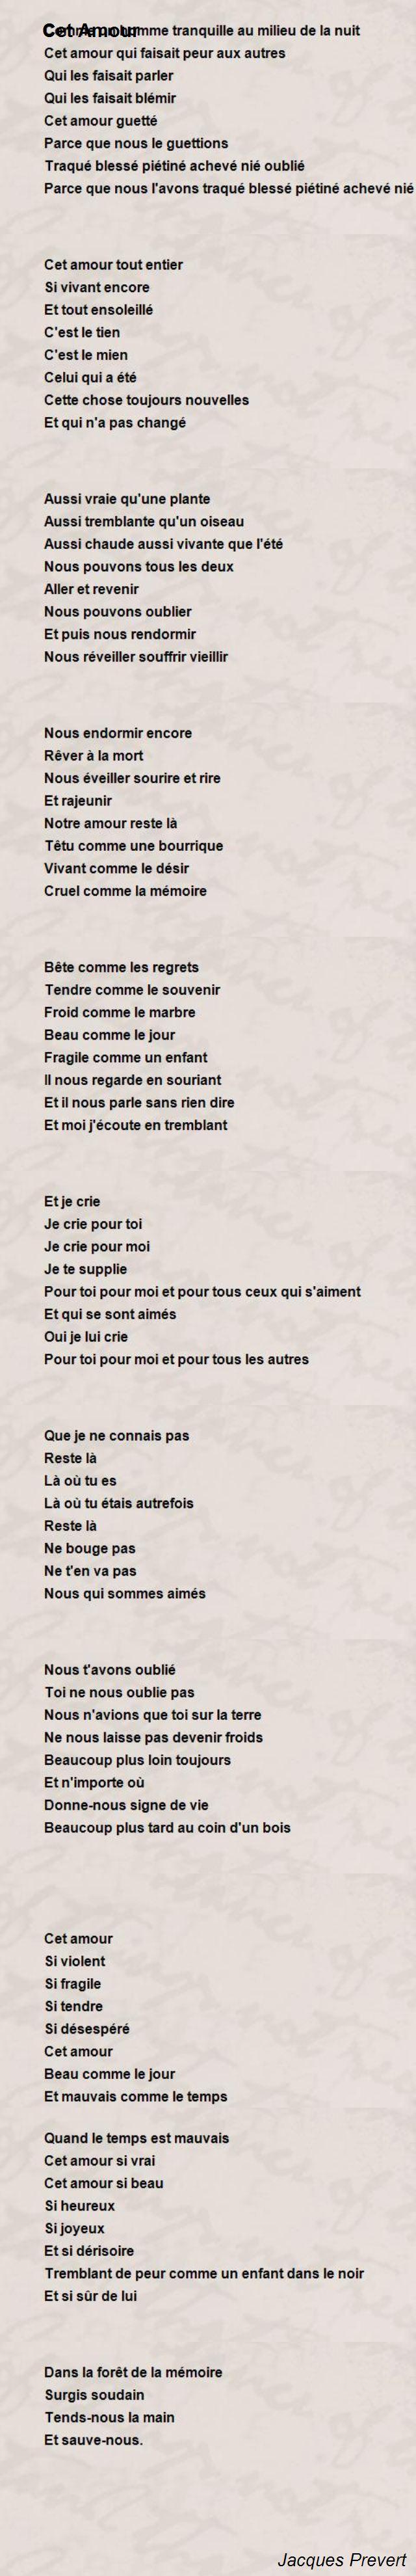 Jacques Prevert Poems à Poeme De Jacque Prevert